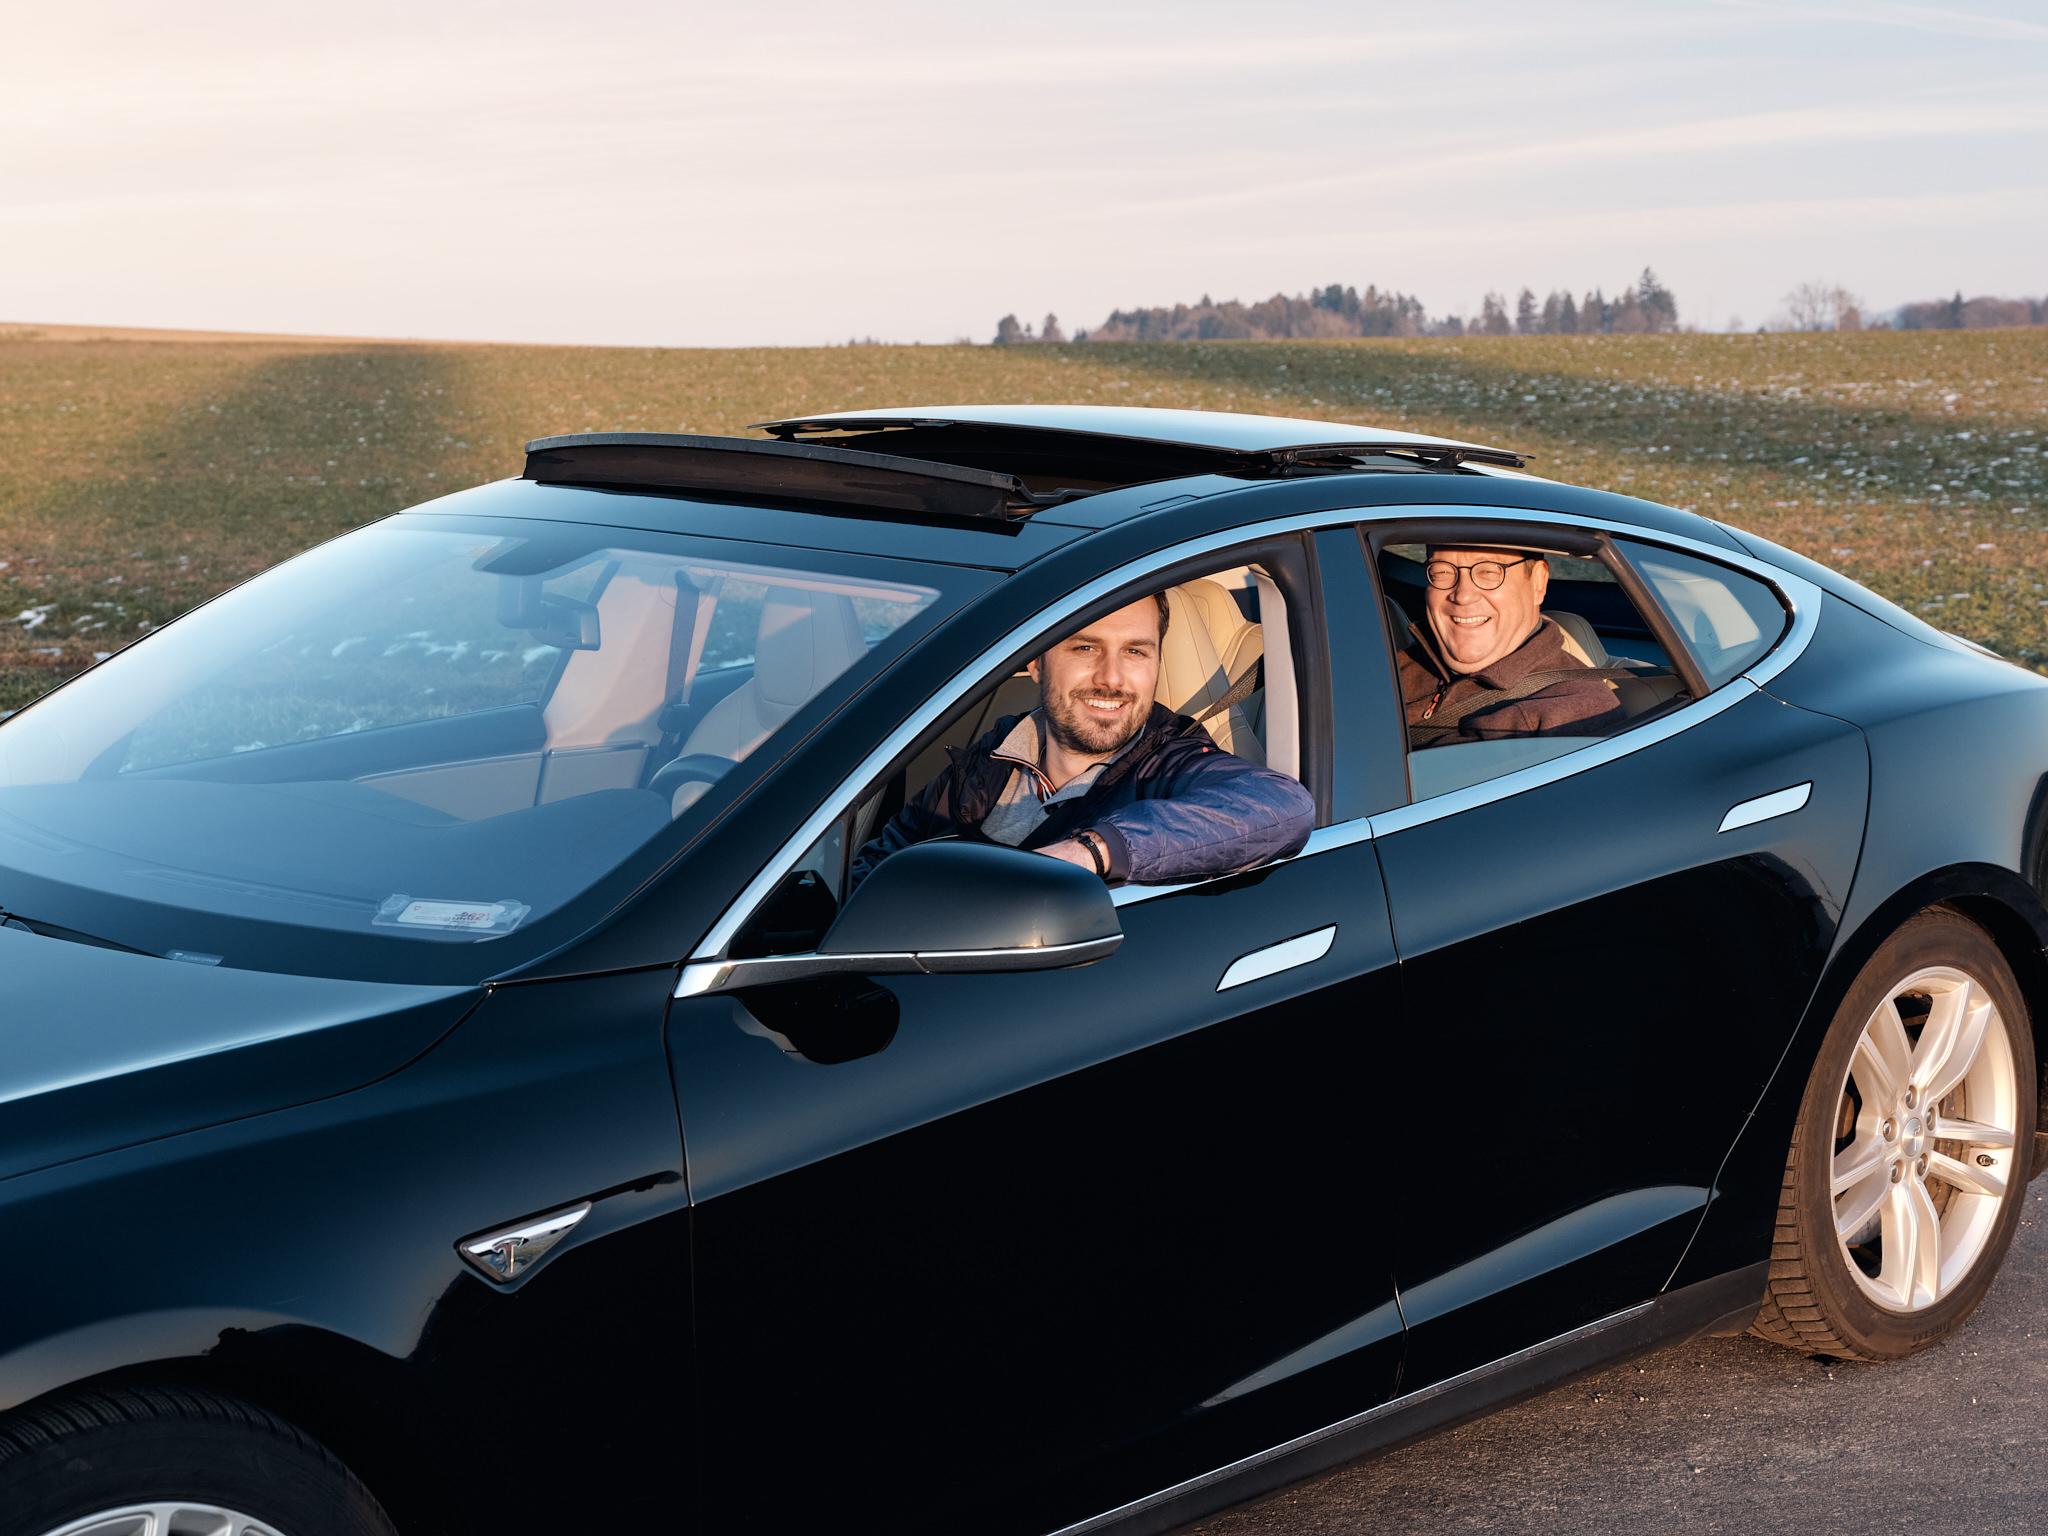 Mieter Fabian Mende und sein Vermieter Christian Huber sitzen zufrieden im Elektroauto